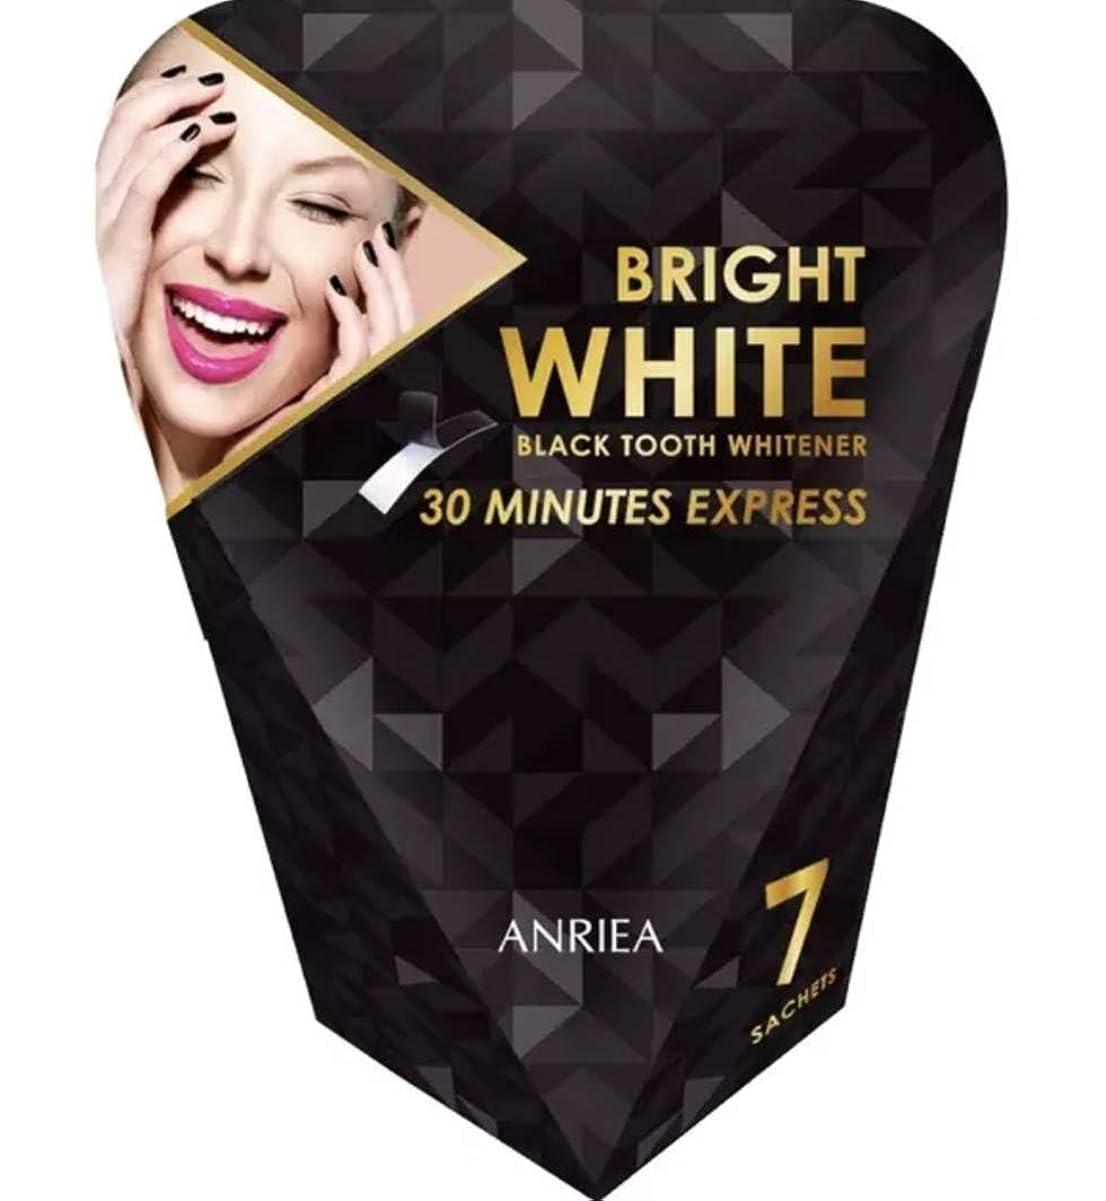 配る克服する手段Anriea 3d white teeth Whitestrips Professional effect ANRIEA 3D ホワイトストリッププロフェッショナルエフェクト